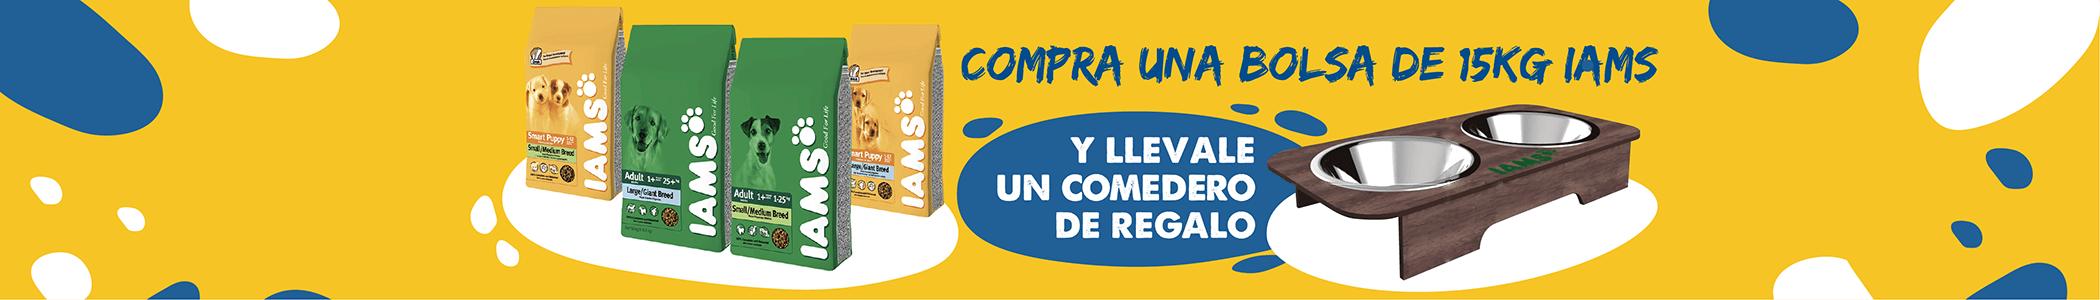 Banner Iams Comedero